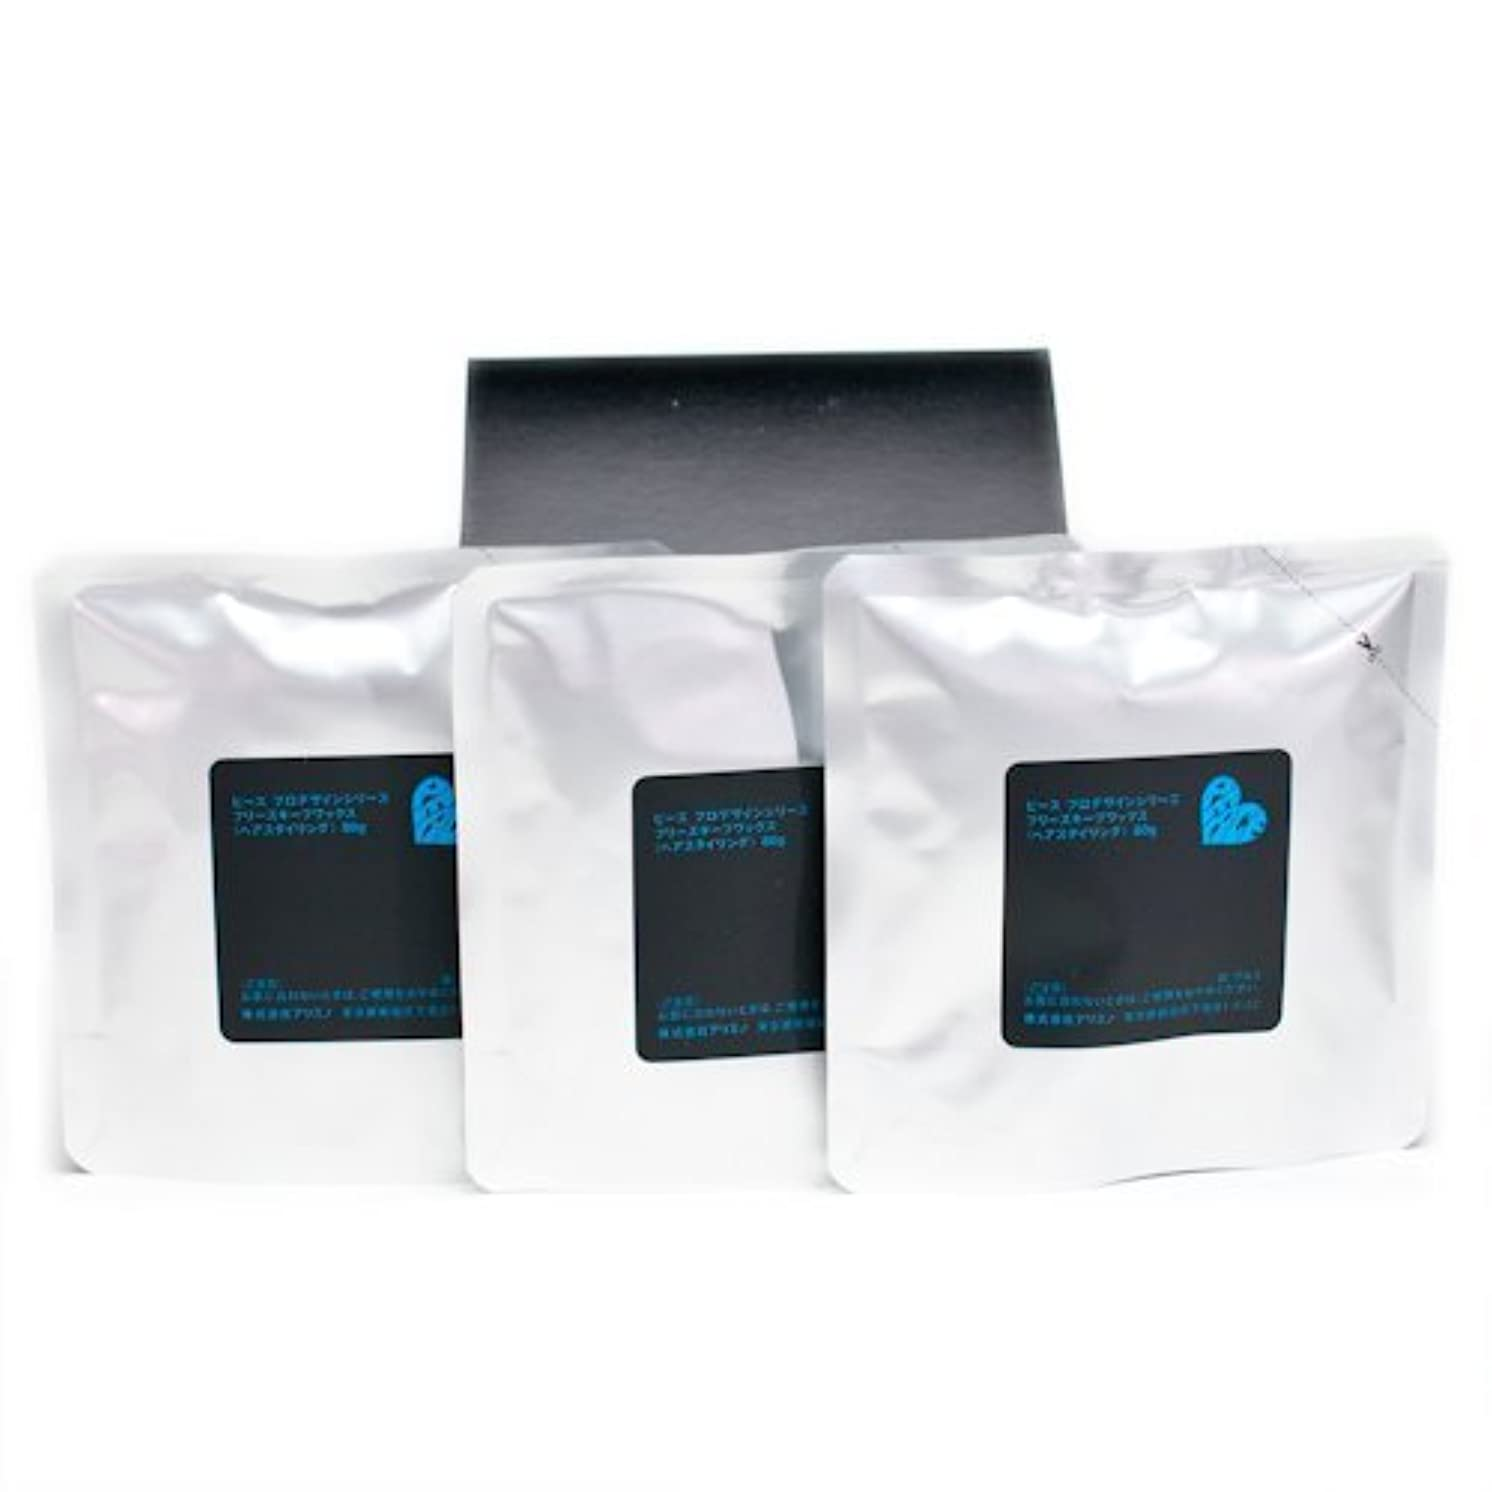 分岐する教義尊敬するアリミノ ピース フリーズキープワックス (ブラック)80g(業務?詰替用)×3個入り